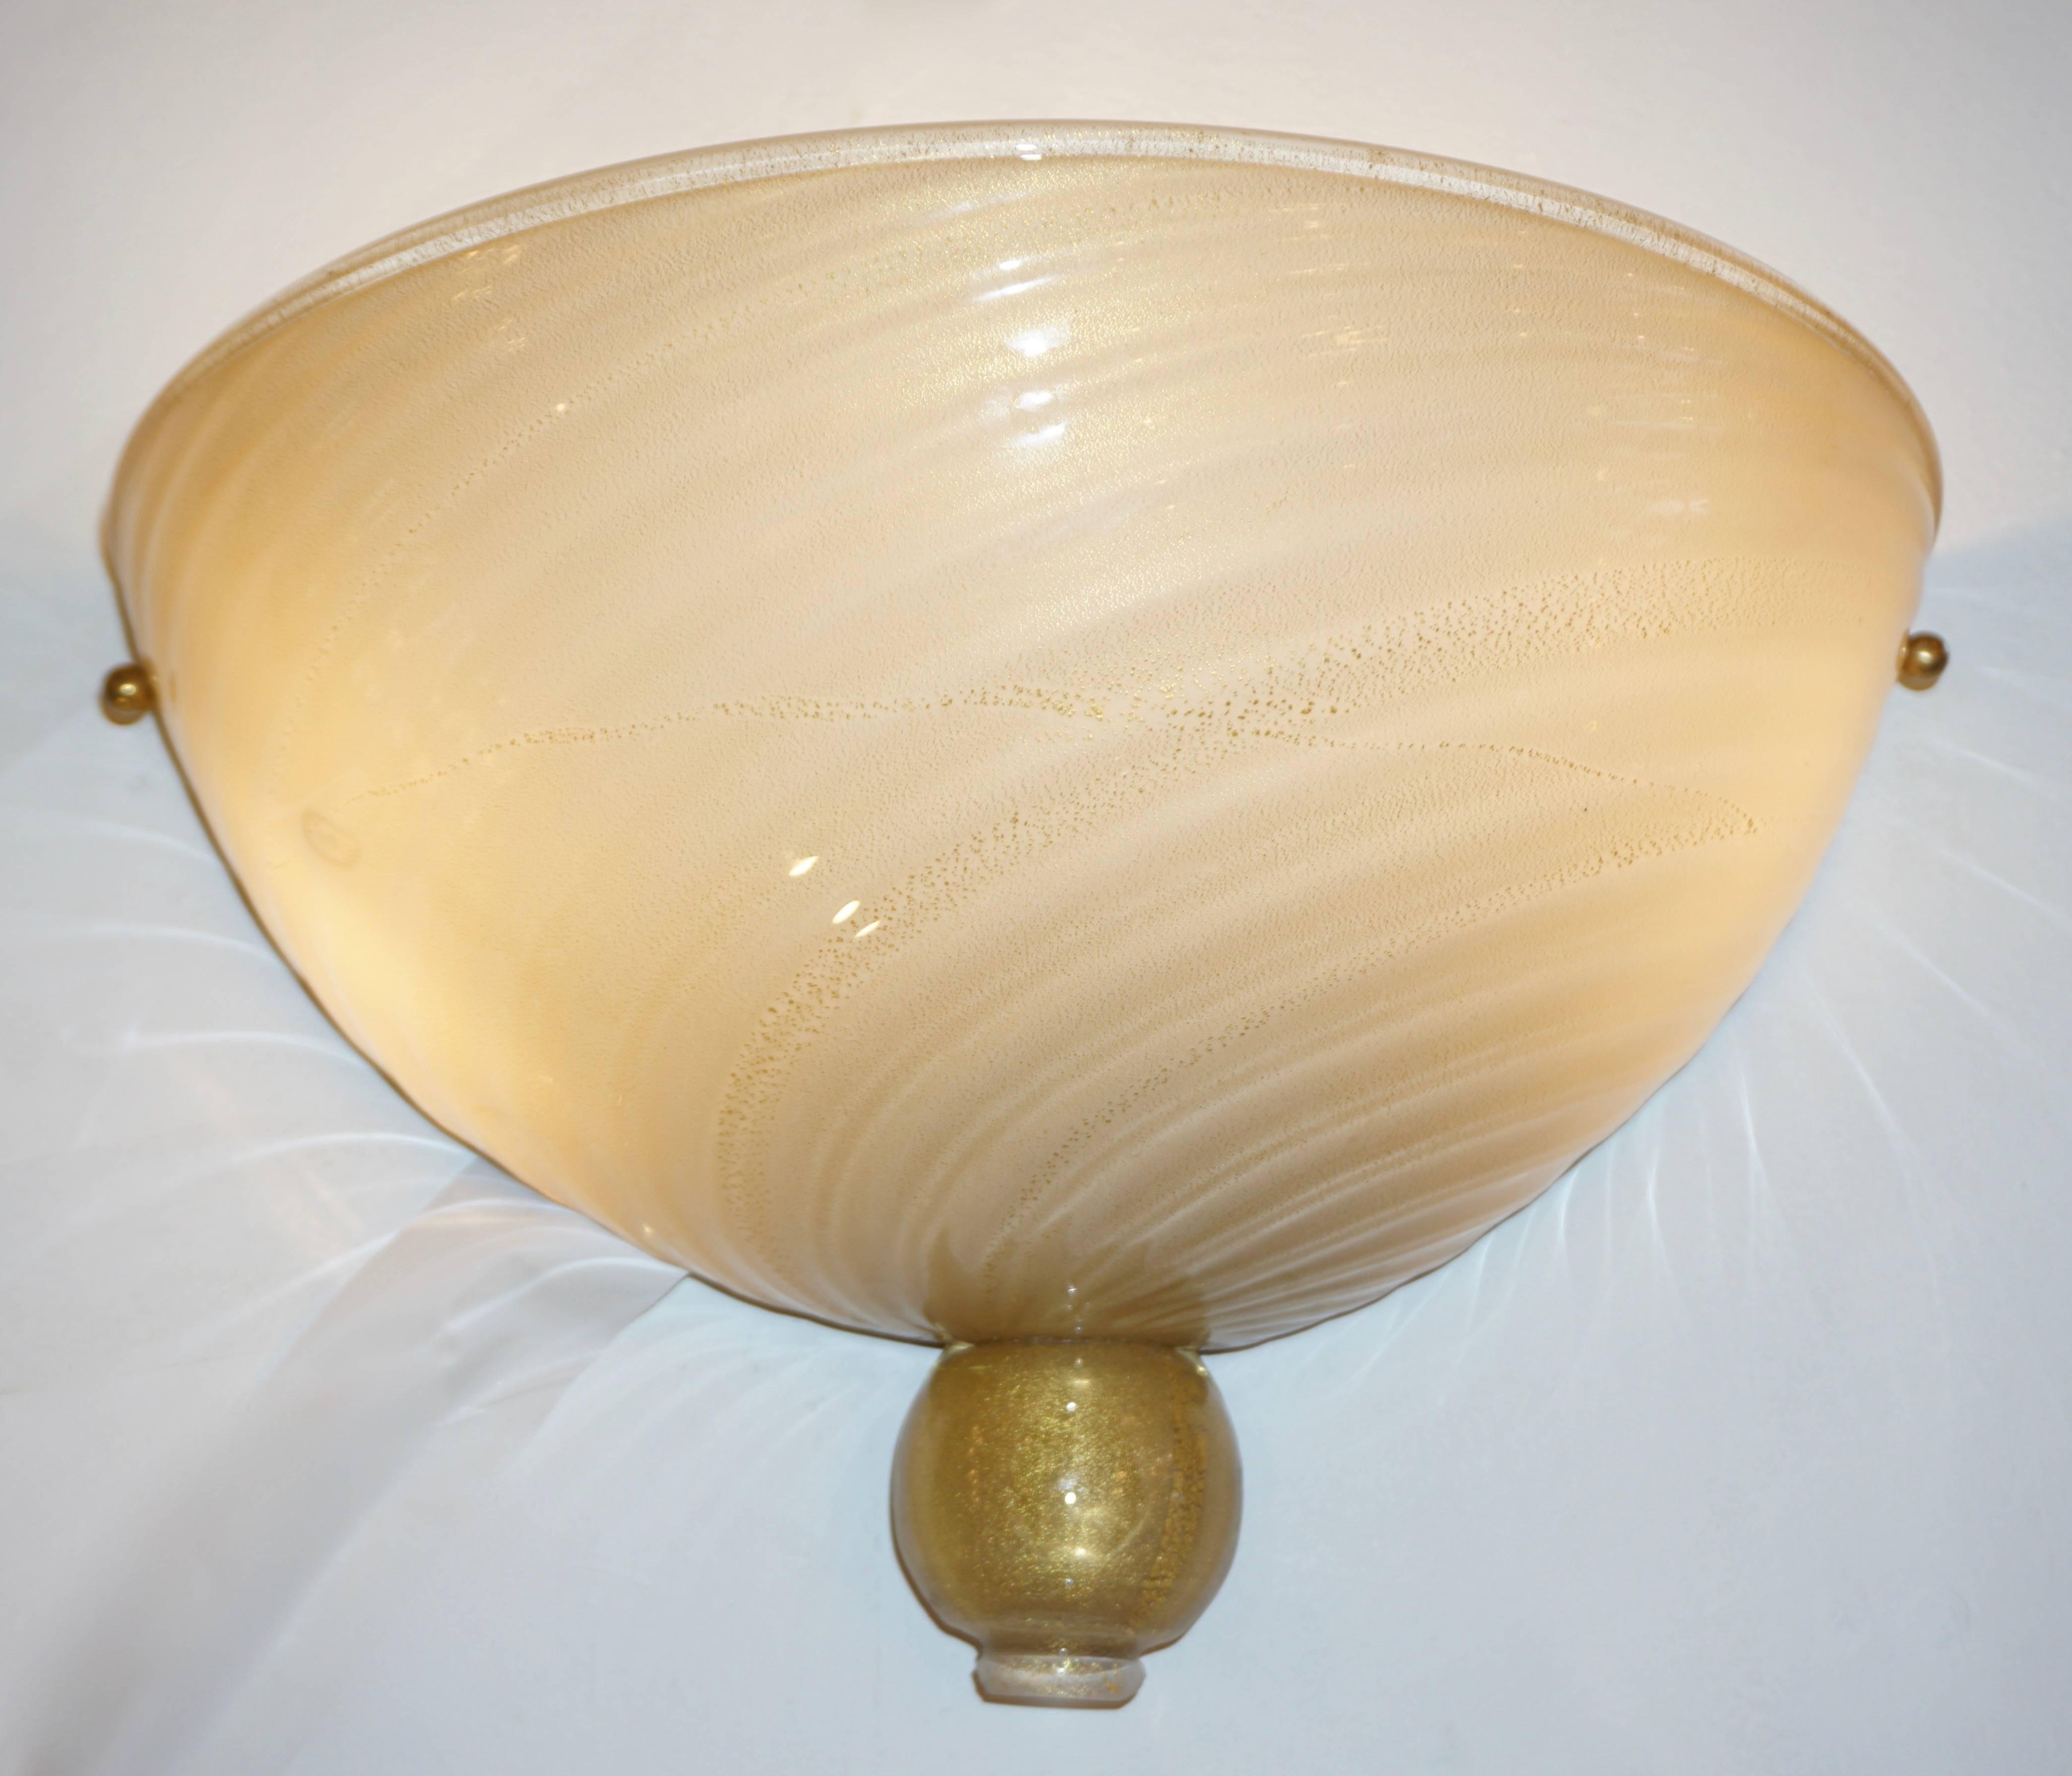 Anfora 1970s Italian Art Deco Design Pair of Ivory Gold Murano Glass ...